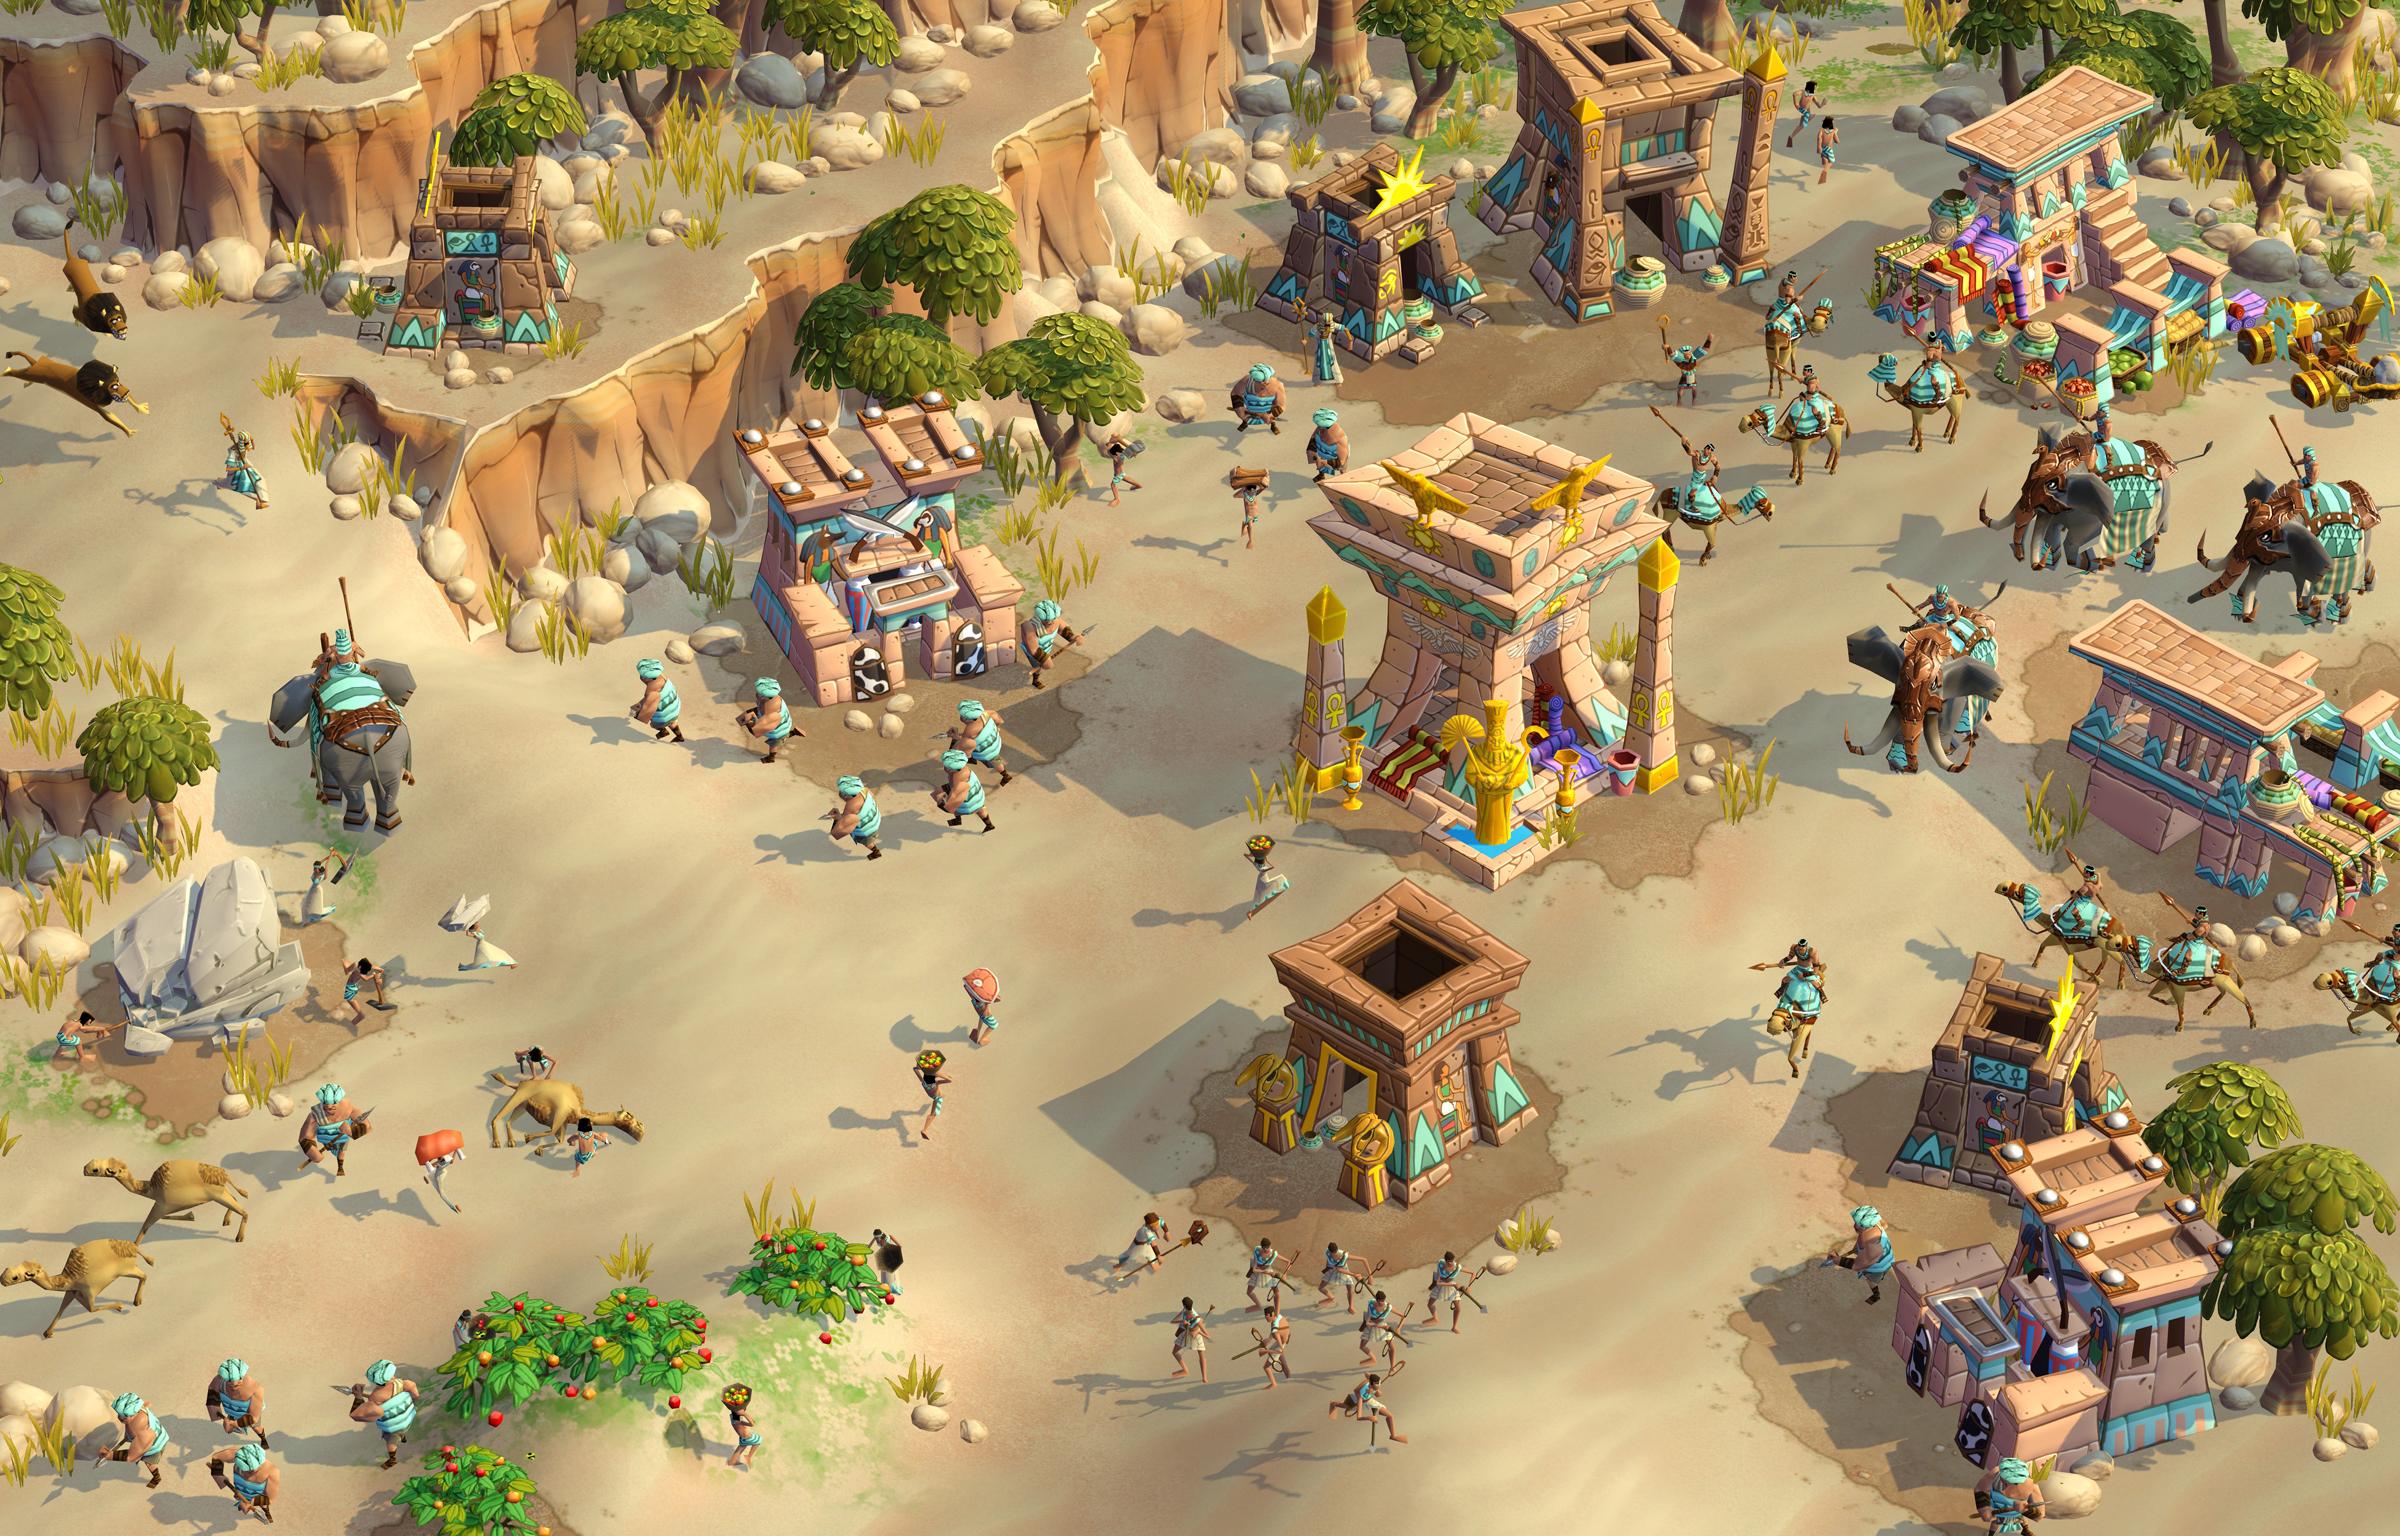 Die Ägypter - Eine der spielbaren Völker in Age of Empires: Online